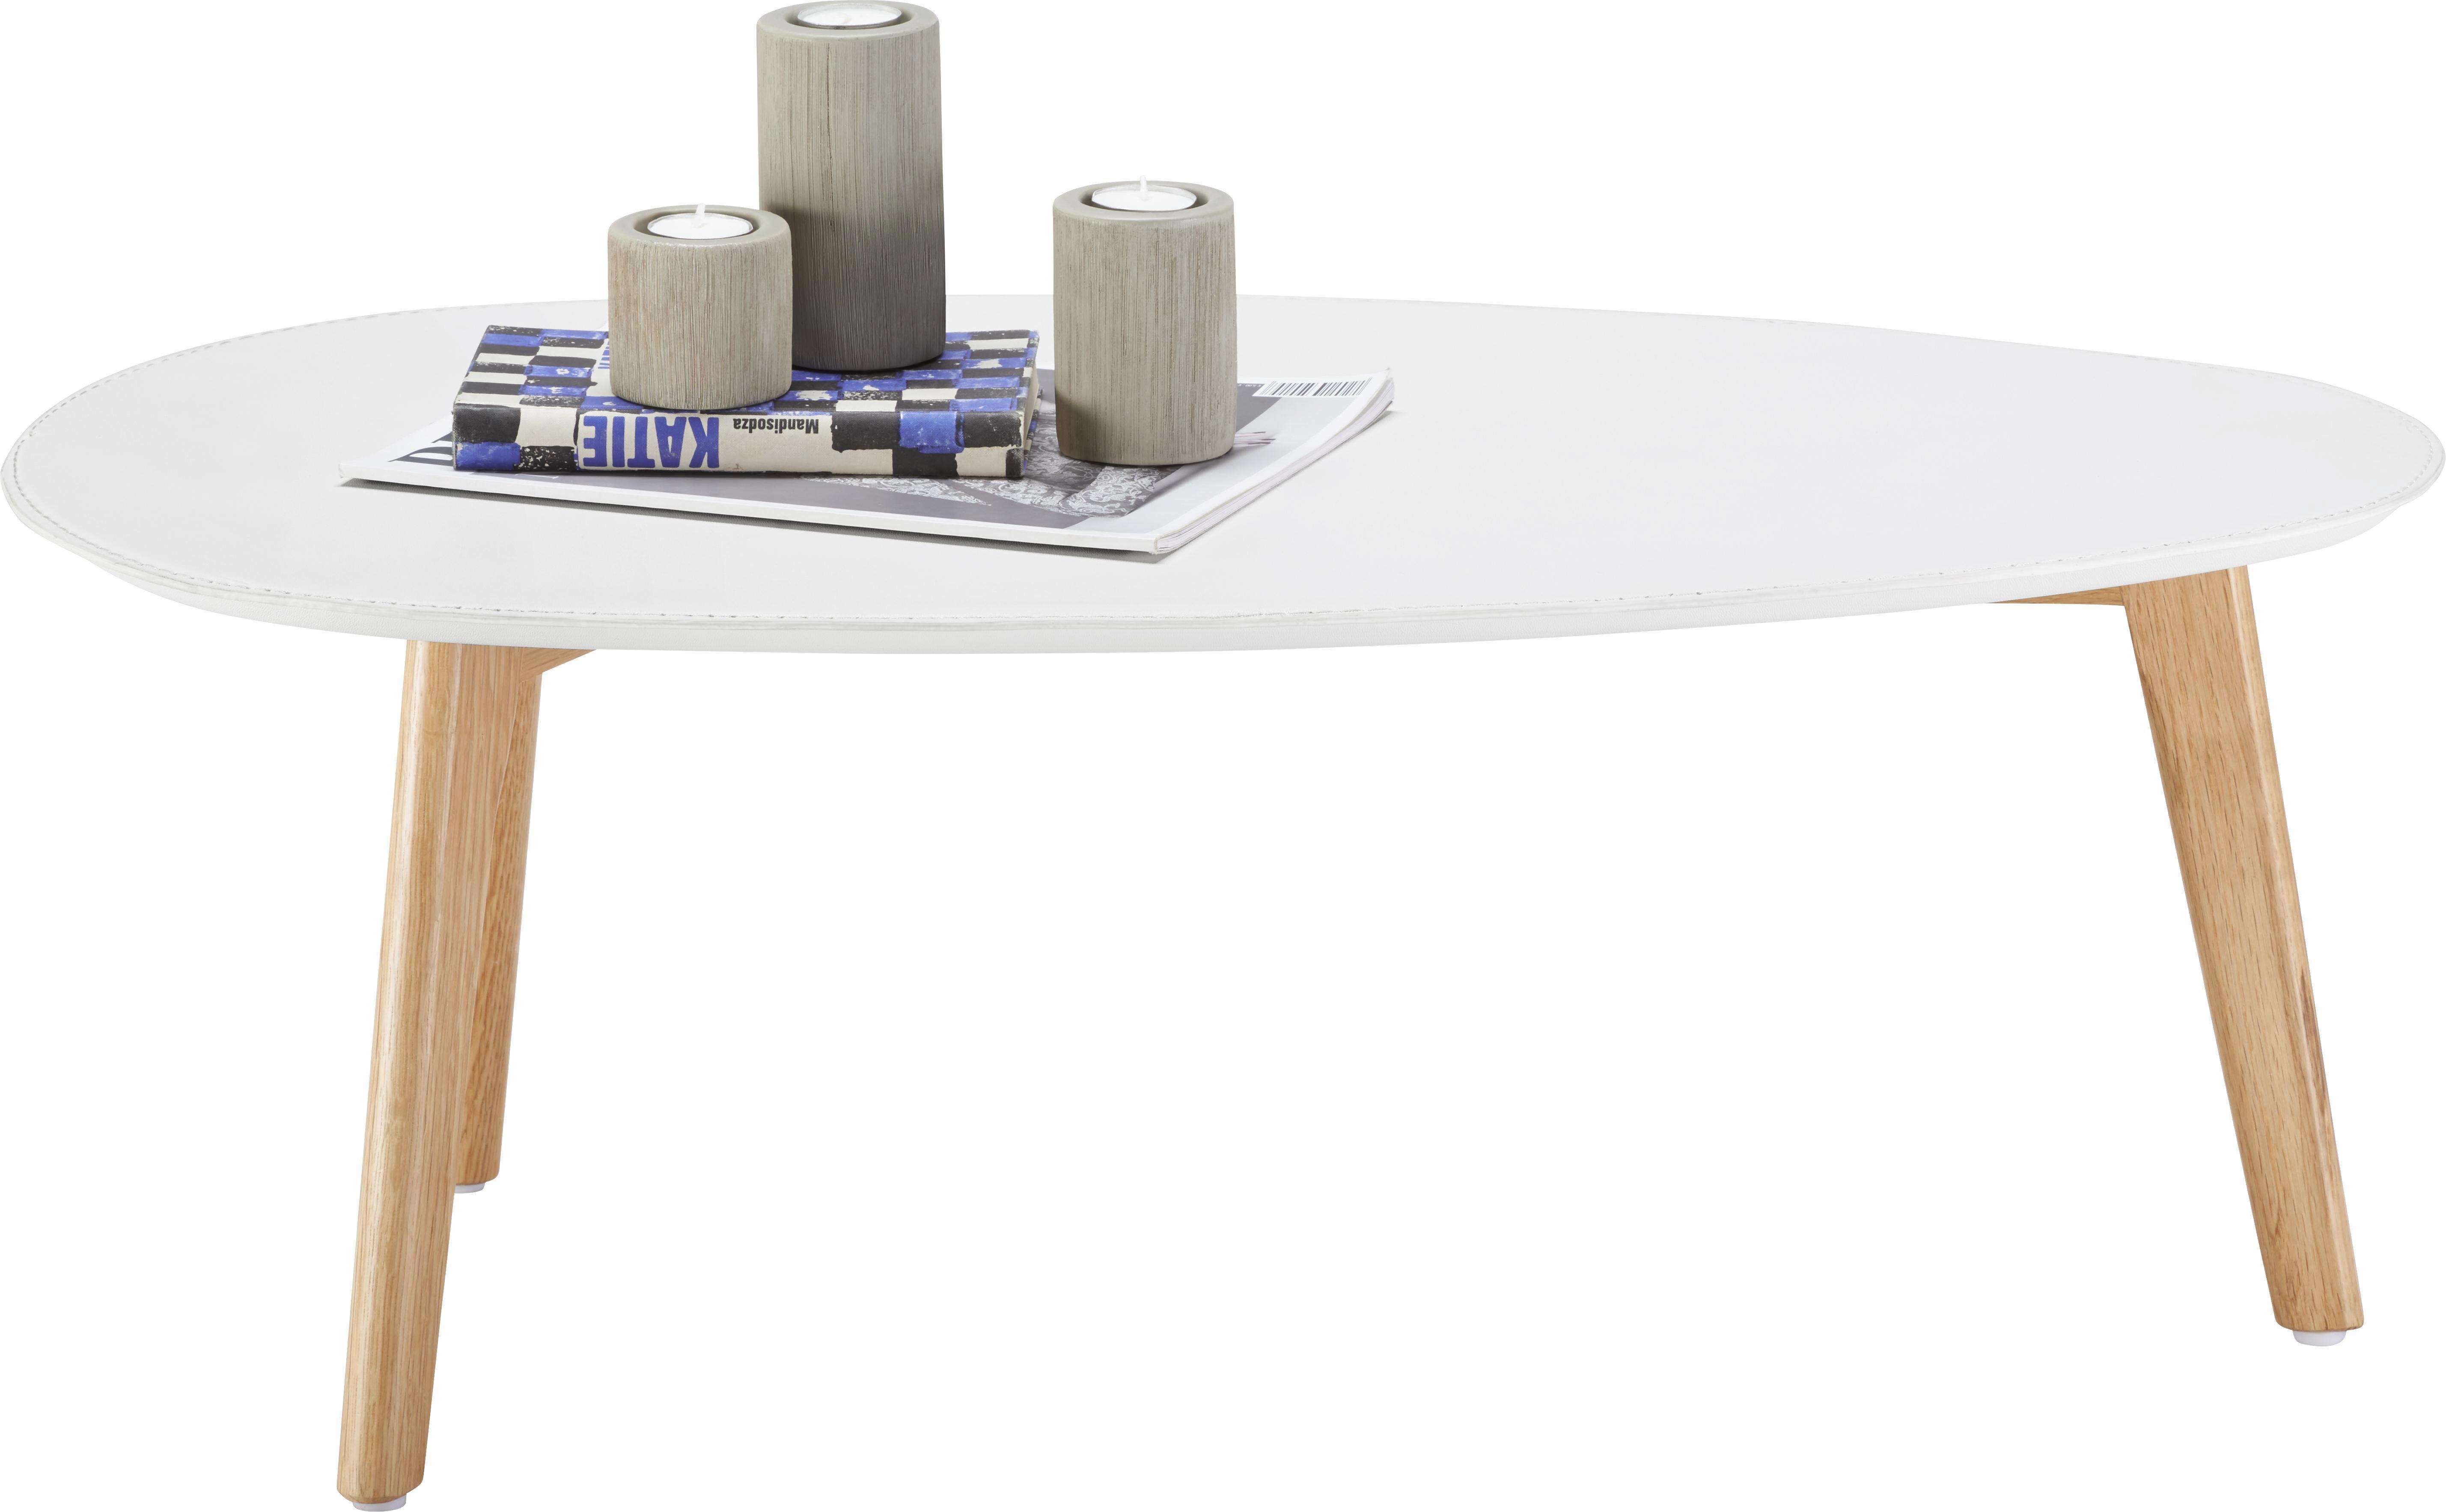 couchtisch mit esstisch funktion amazing great diesen couchtisch with esstisch couchtisch with. Black Bedroom Furniture Sets. Home Design Ideas